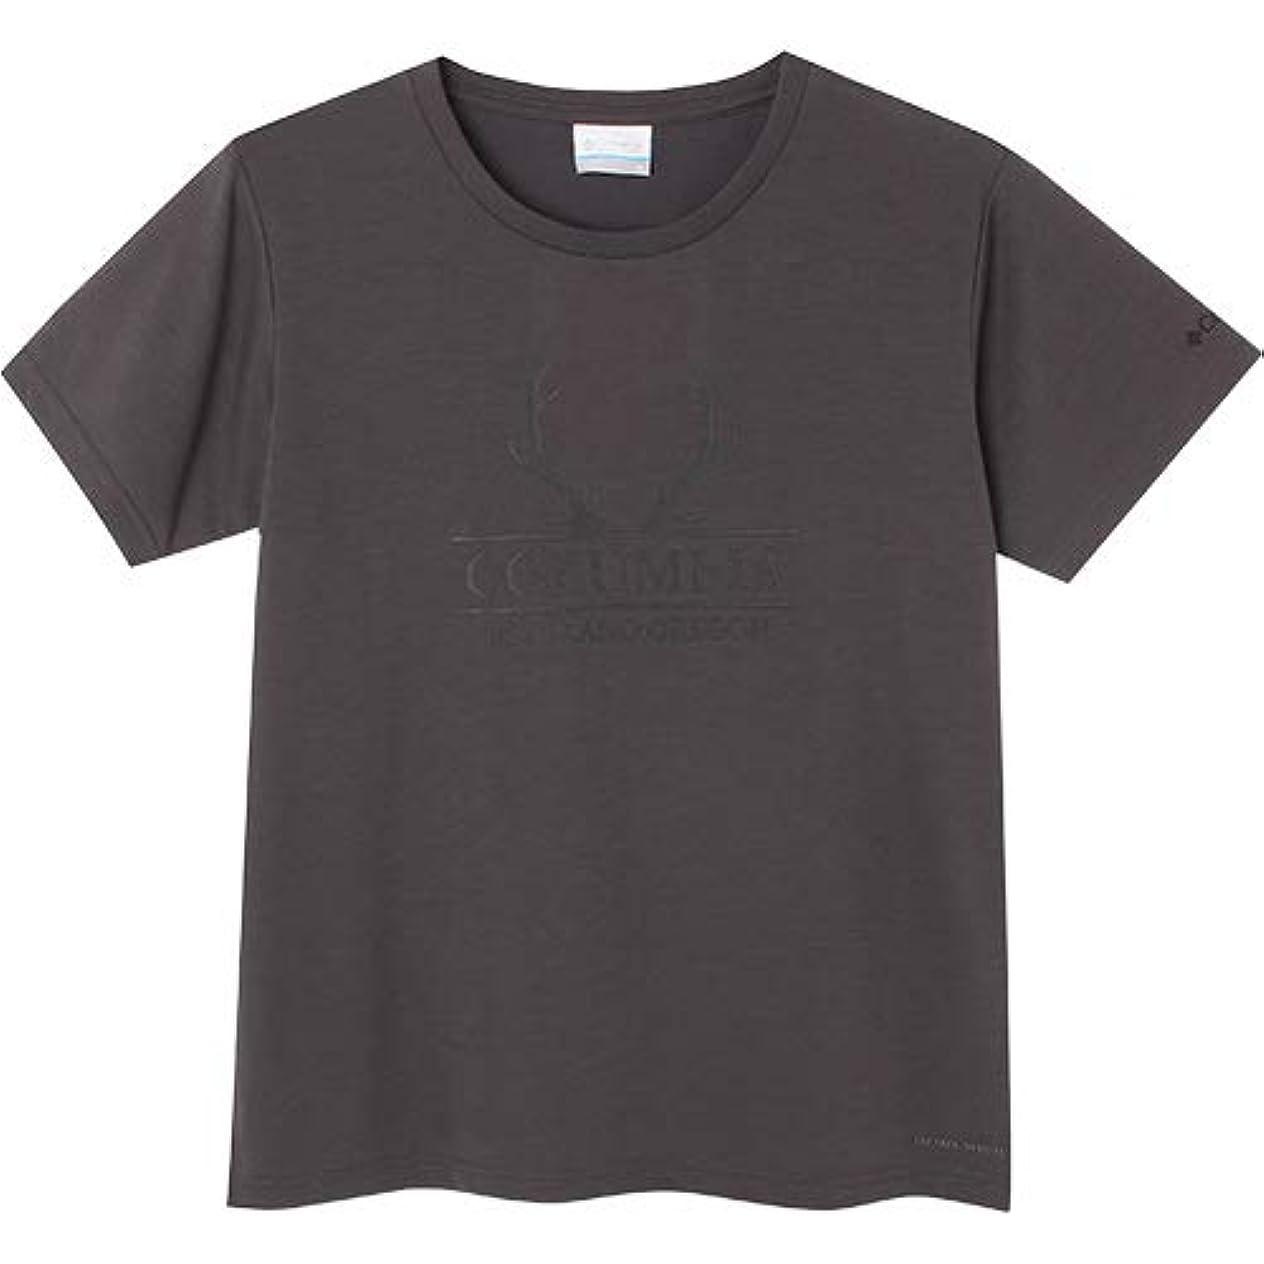 デンプシー手段南[コロンビア] レディース ハリソンスプリングスショートスリーブTシャツ Harrison Springs Women's Short Sleeve Tee シャーク PL3122 011